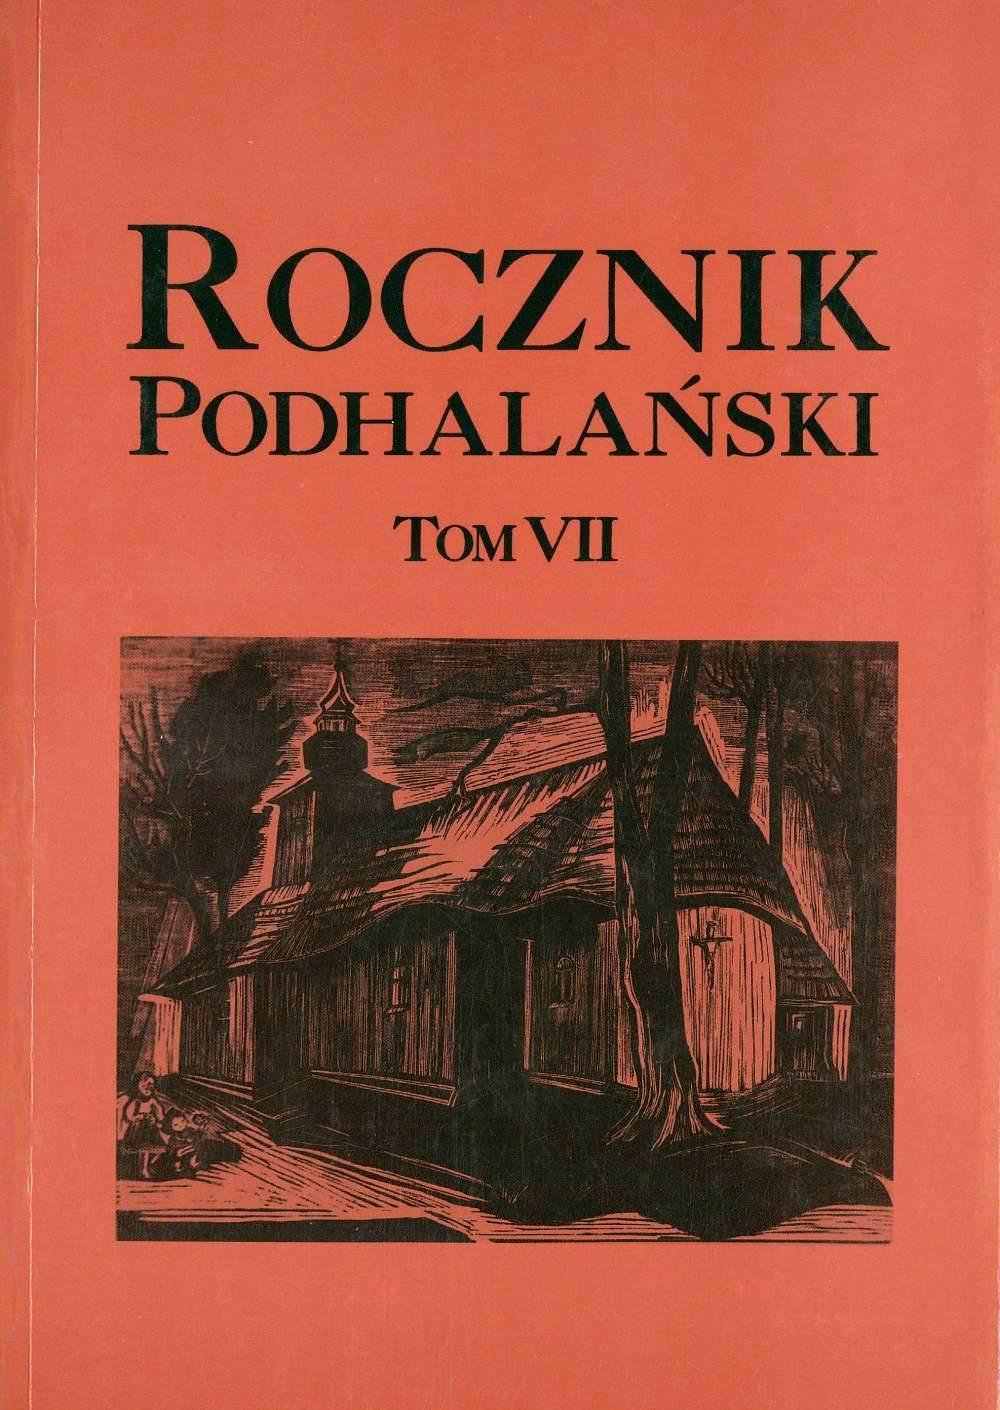 okładka - Rocznik Podhalański – tom VII